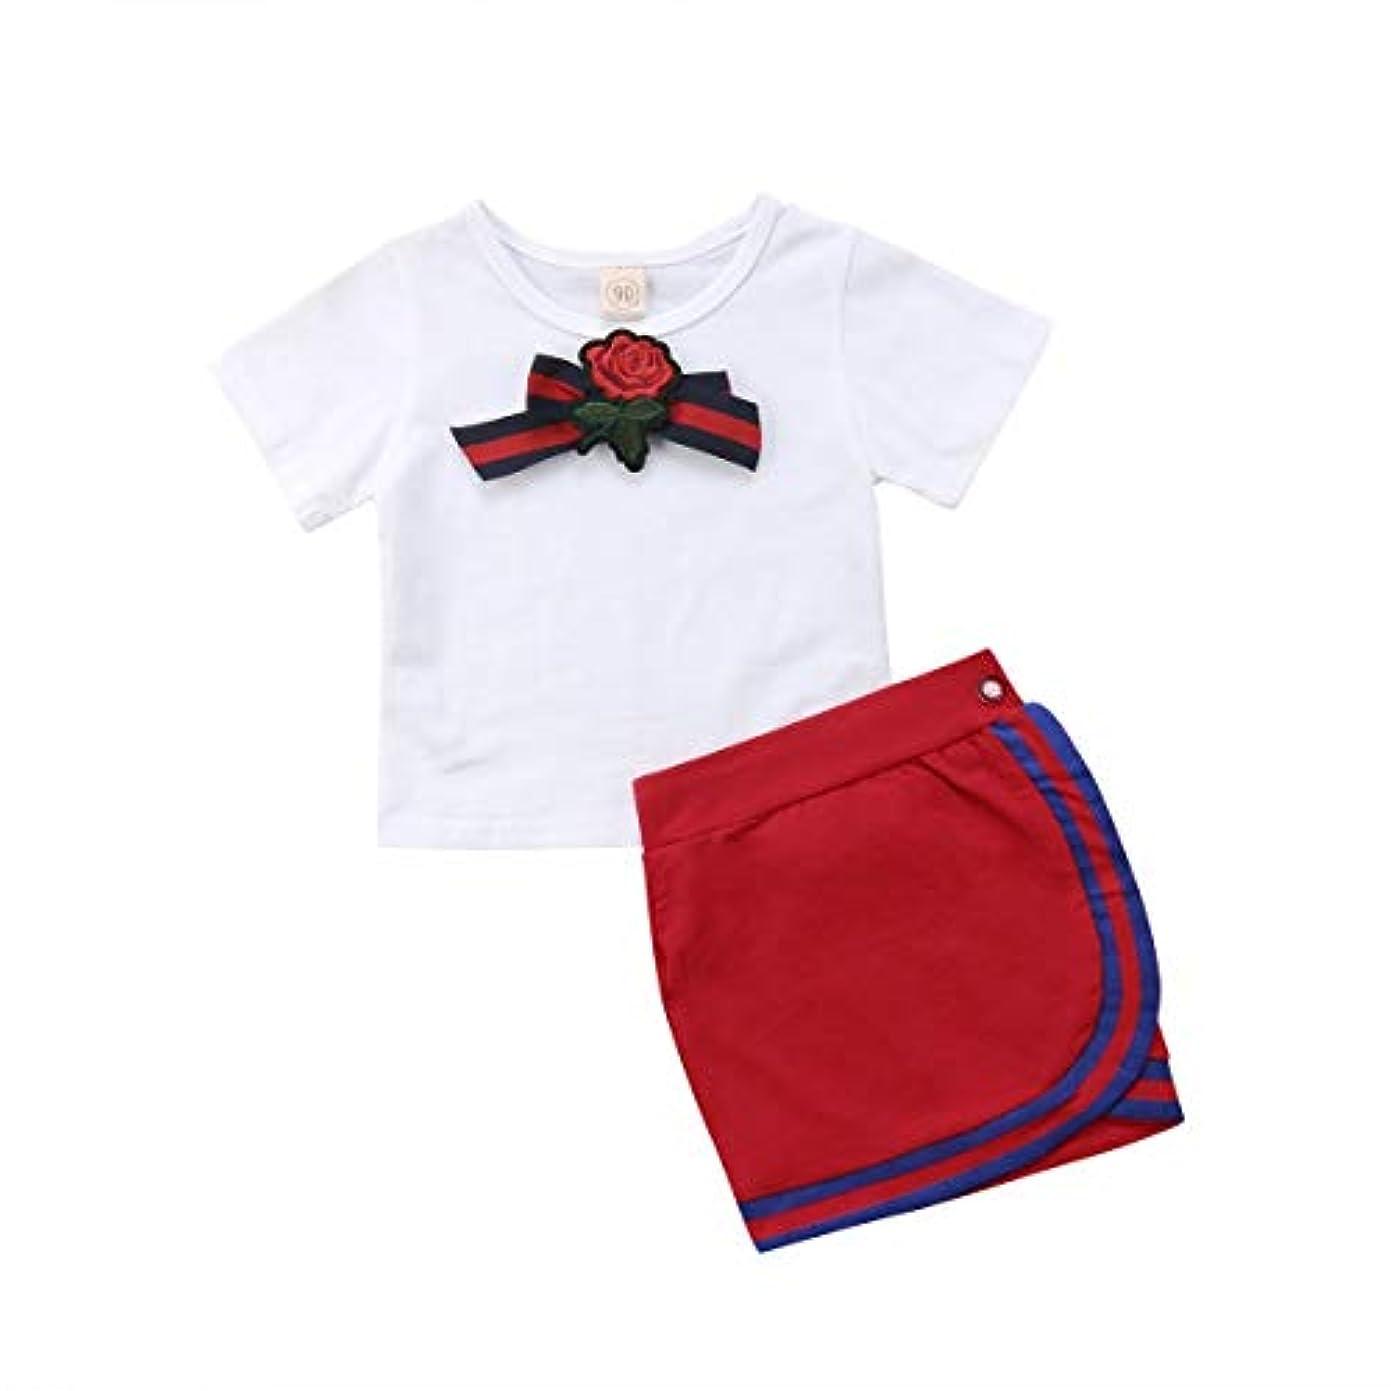 アパートグローブ権限Onderroa - 女子制服新生児キッズベビー は蝶の花タイのTシャツショートミニスカートパーティーウェディングチュチュドレストップス設定します。